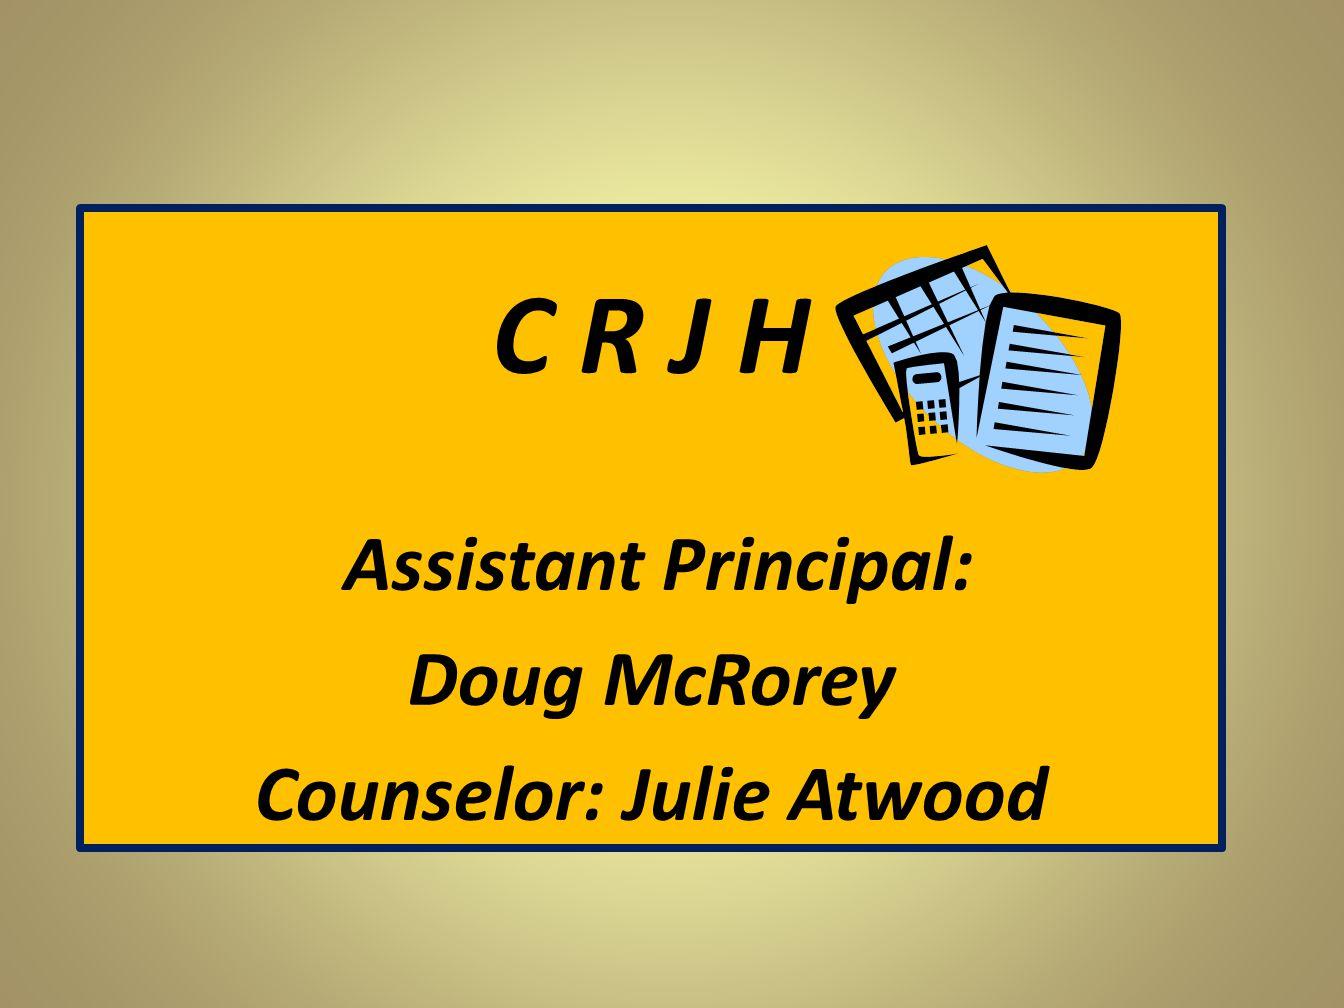 C R J H Assistant Principal: Doug McRorey Counselor: Julie Atwood